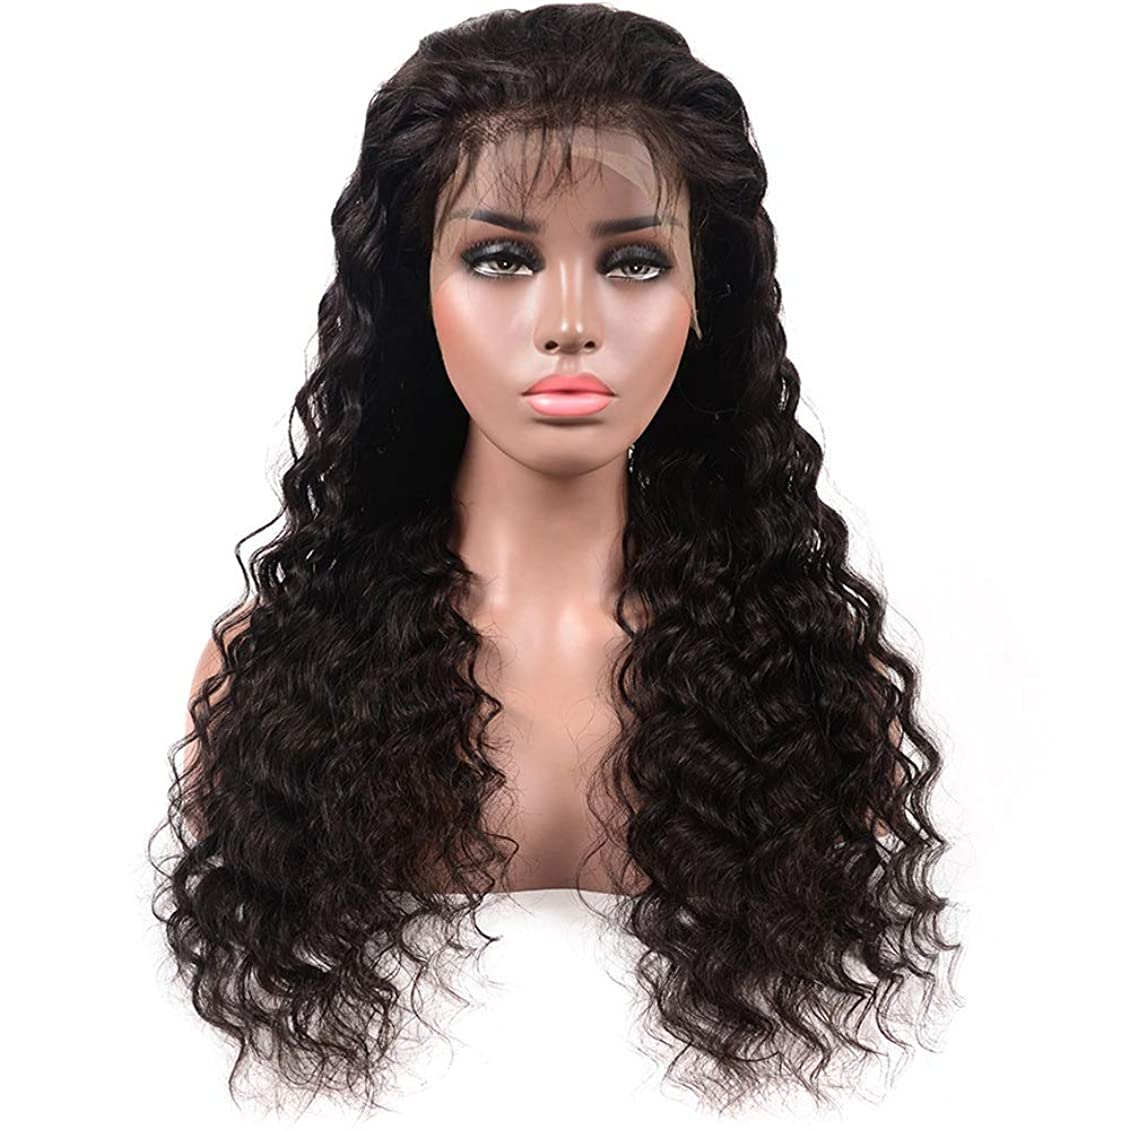 思い出専門父方のYESONEEP ディープウェーブハーフハンド100%本物の人間の髪の毛の自然な黒の長い巻き毛のレースフロントかつら女性の毎日のドレス(8